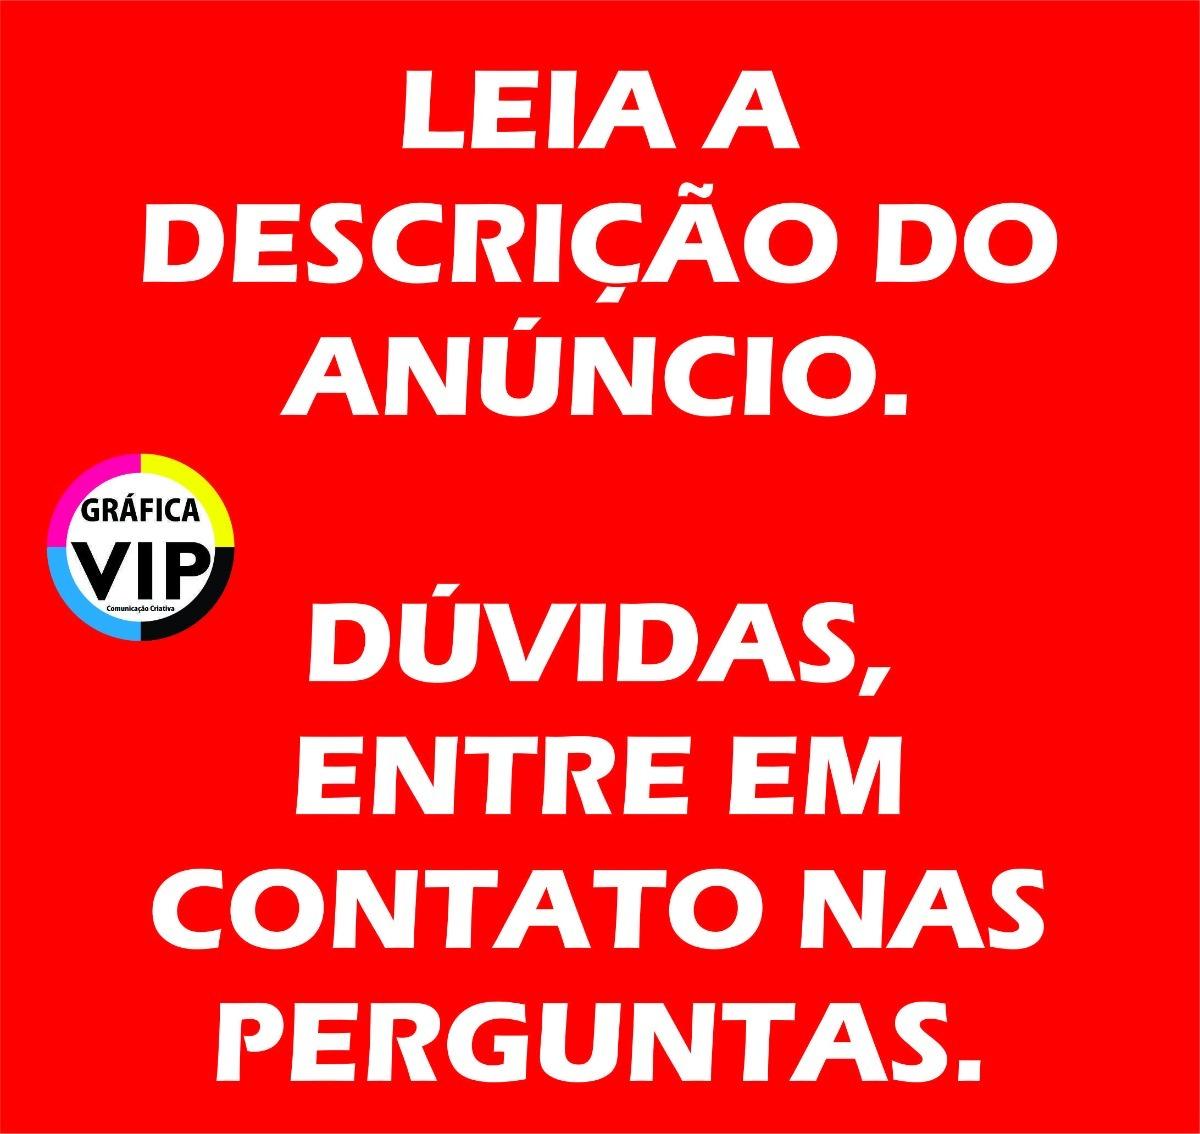 7a94cbc250 Panfletos Coloridos 2500 Un. Frete  Grátis +barato Do Brasil - R ...